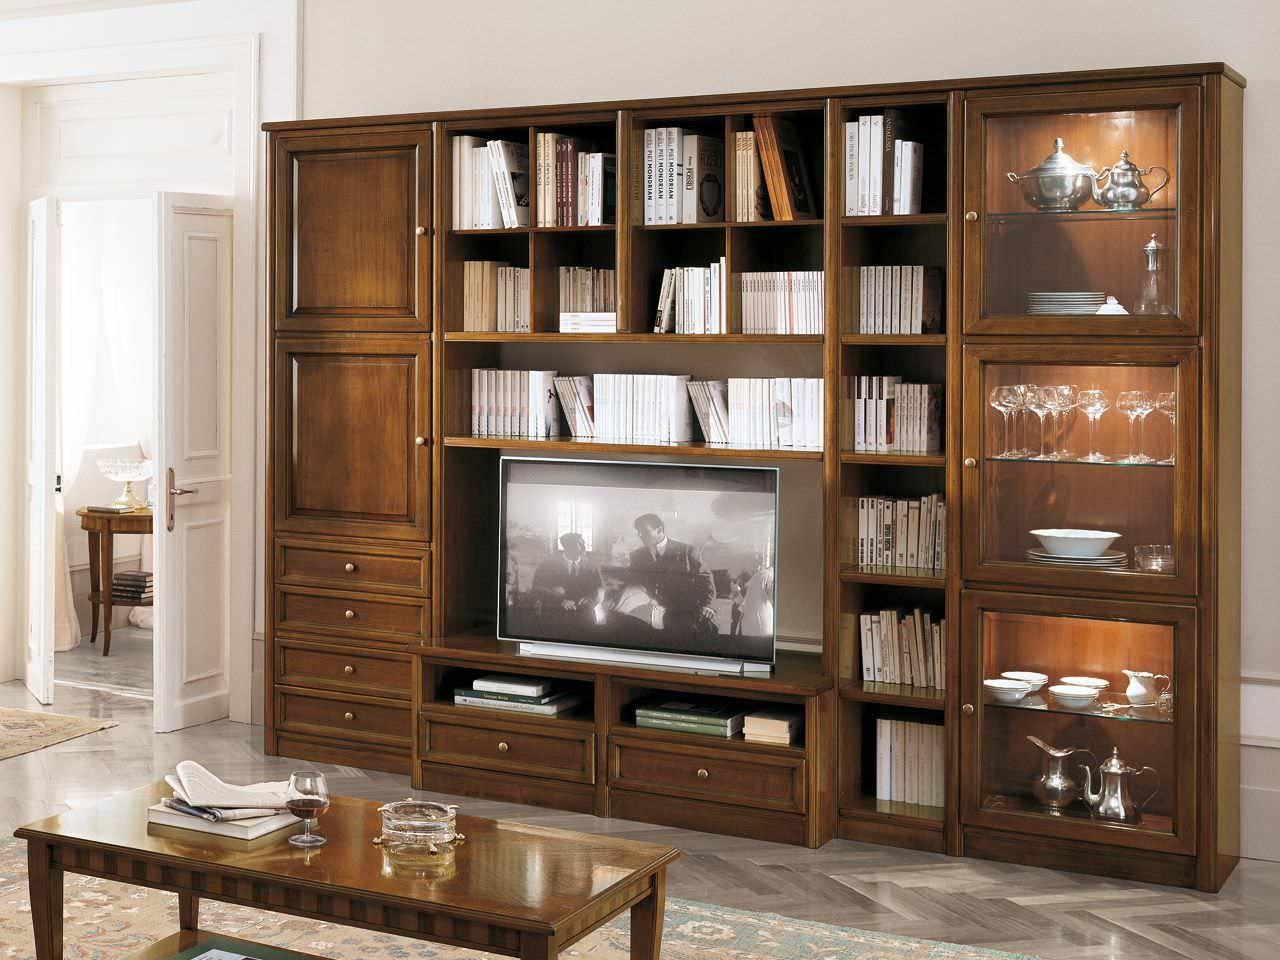 muebles para living comedor - Buscar con Google | muebles ...